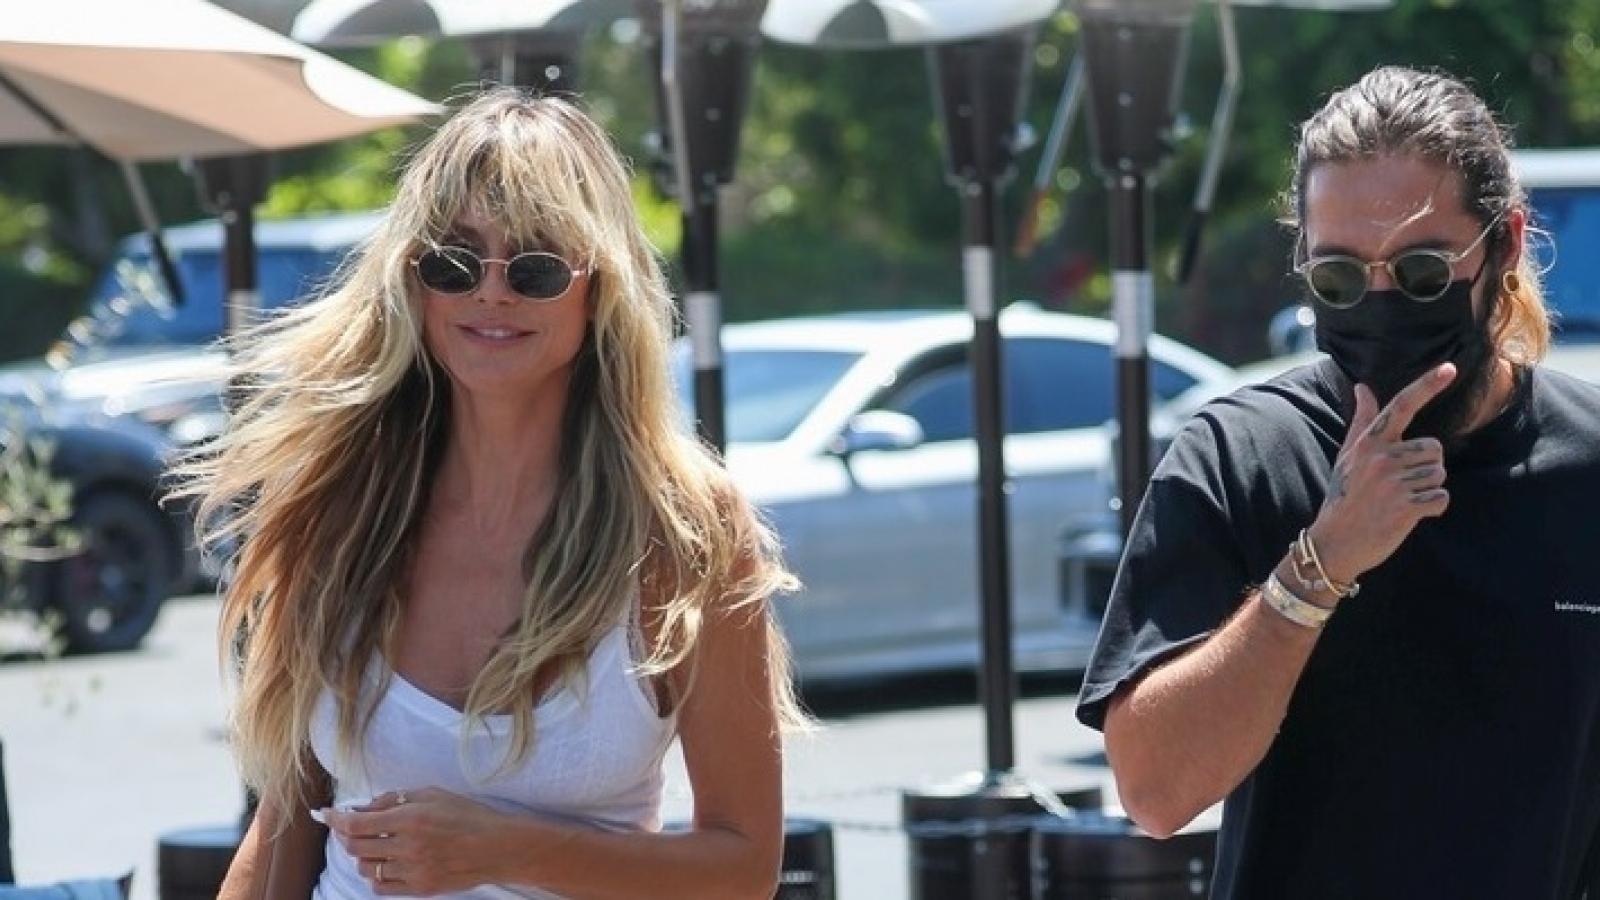 Siêu mẫu Heidi Klum gợi cảm đi ăn trưa cùng chồng trẻ